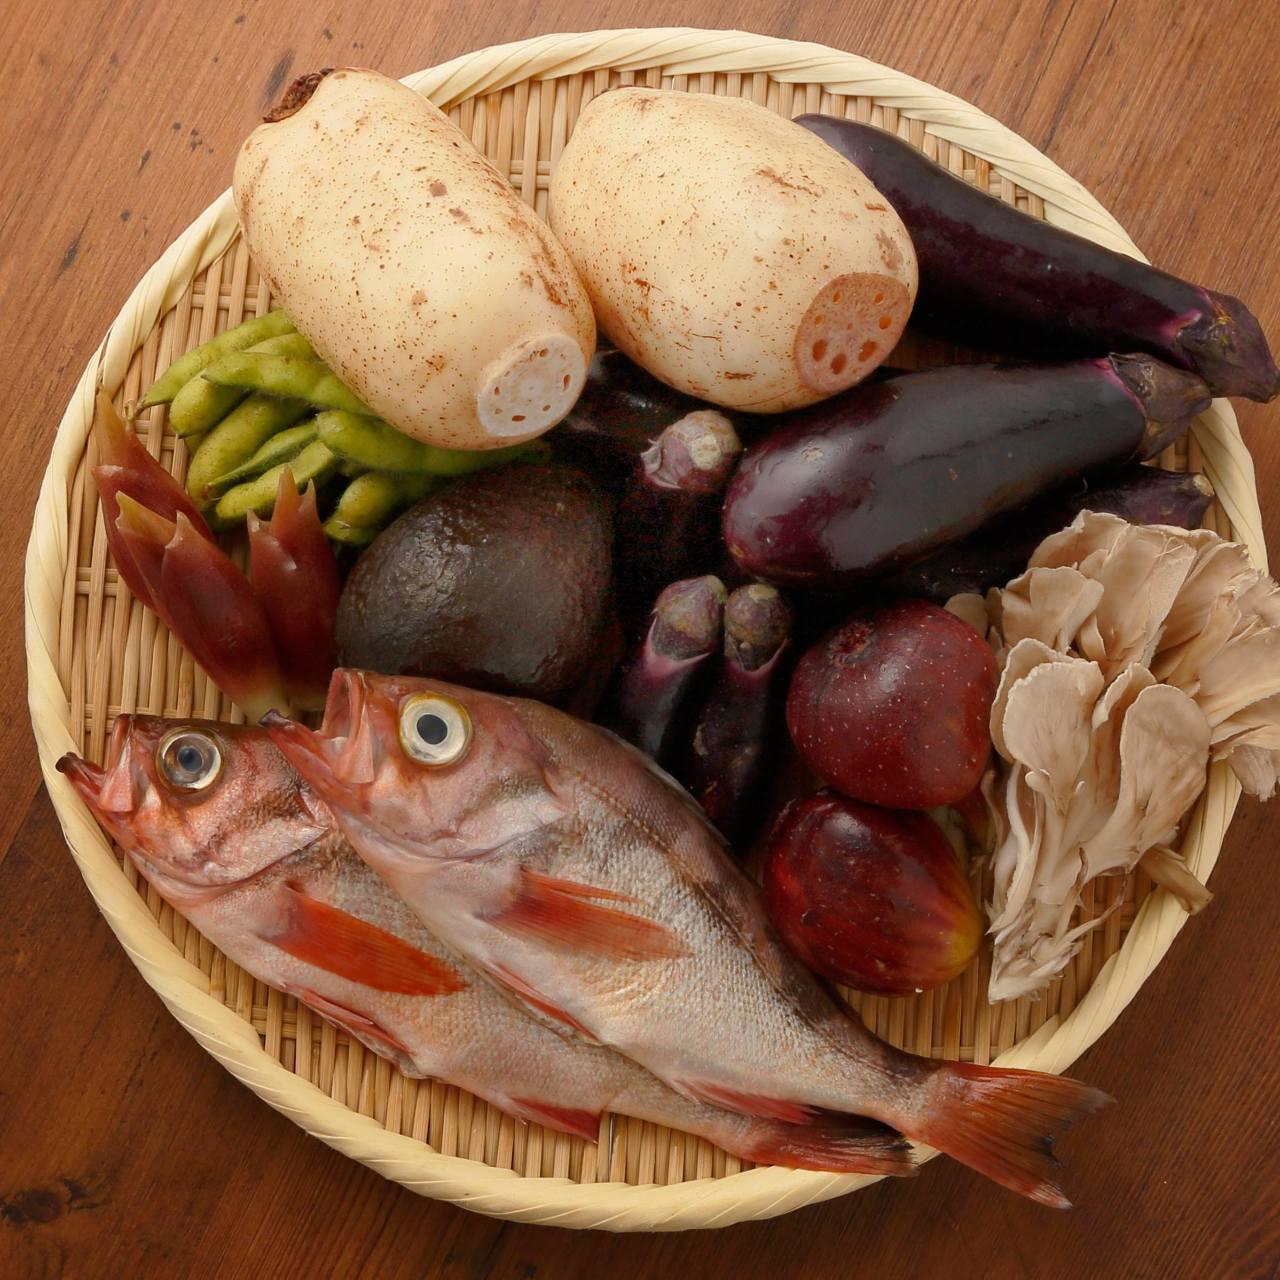 豊洲と築地で仕入れた魚介類、野菜などは鮮度にこだわります